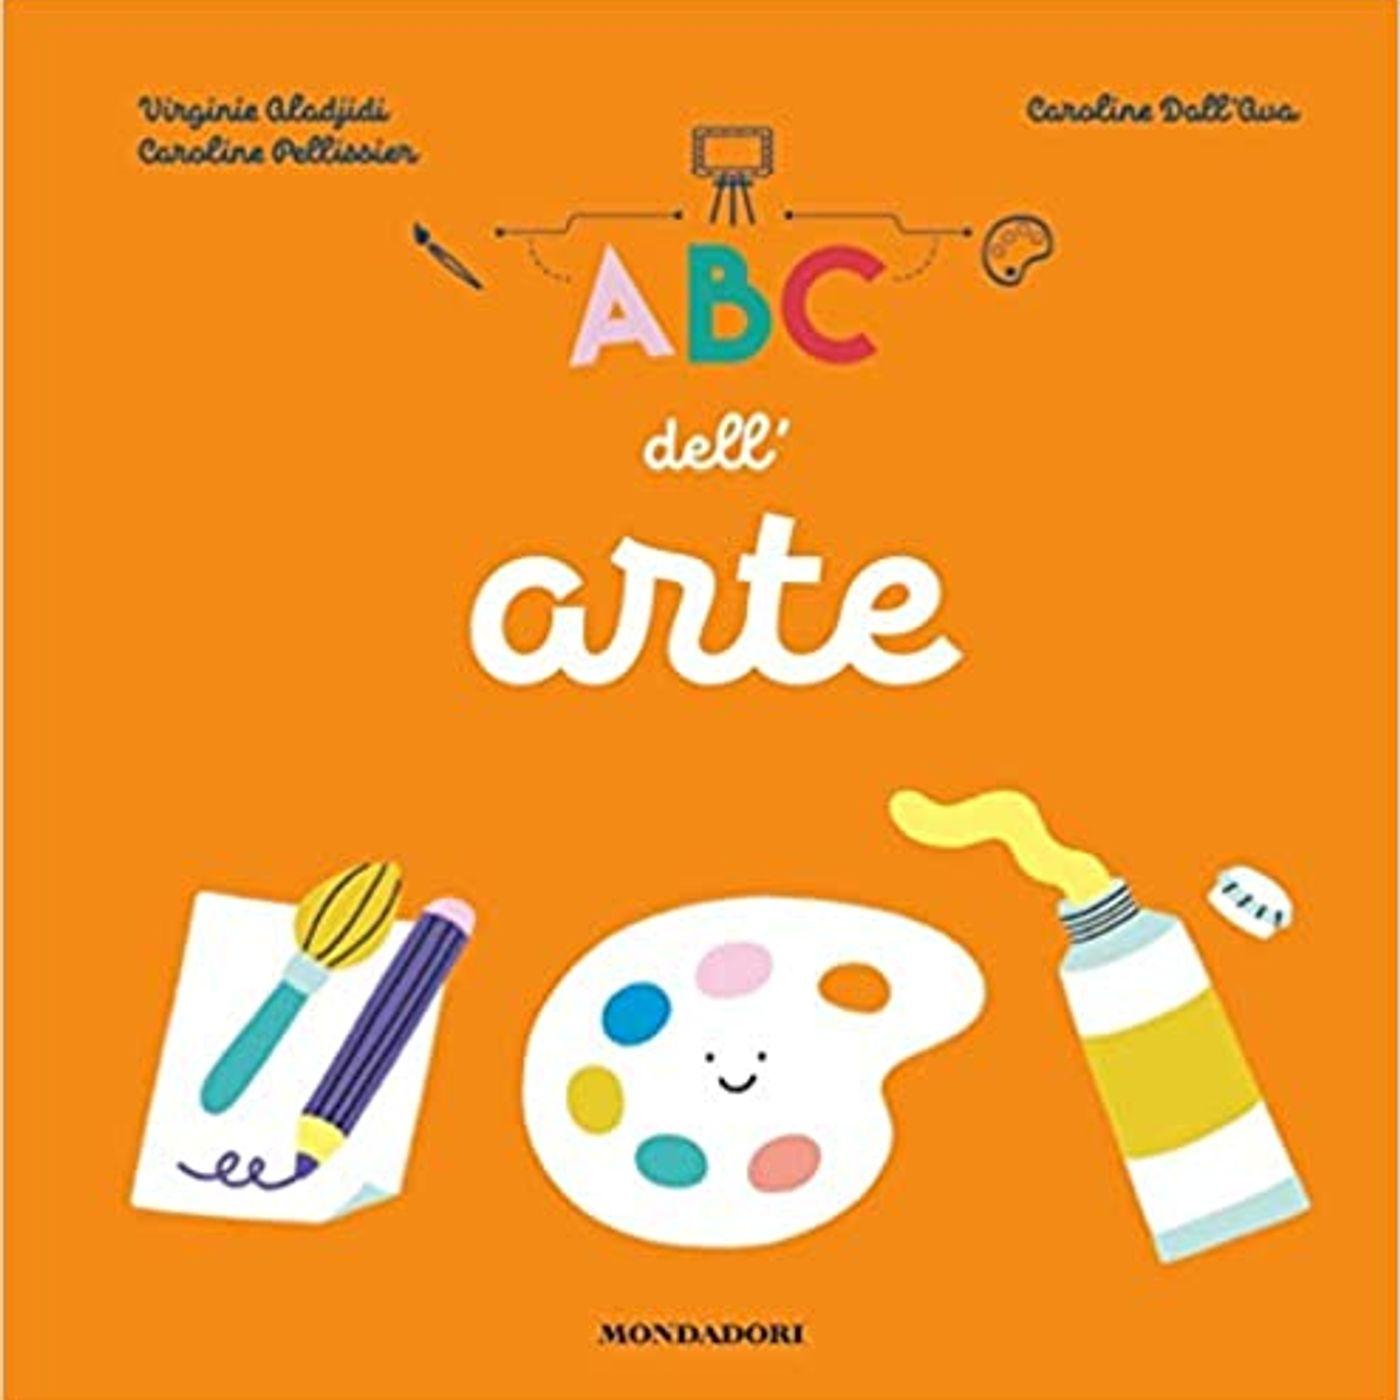 ABC dell'arte (Mondadori)